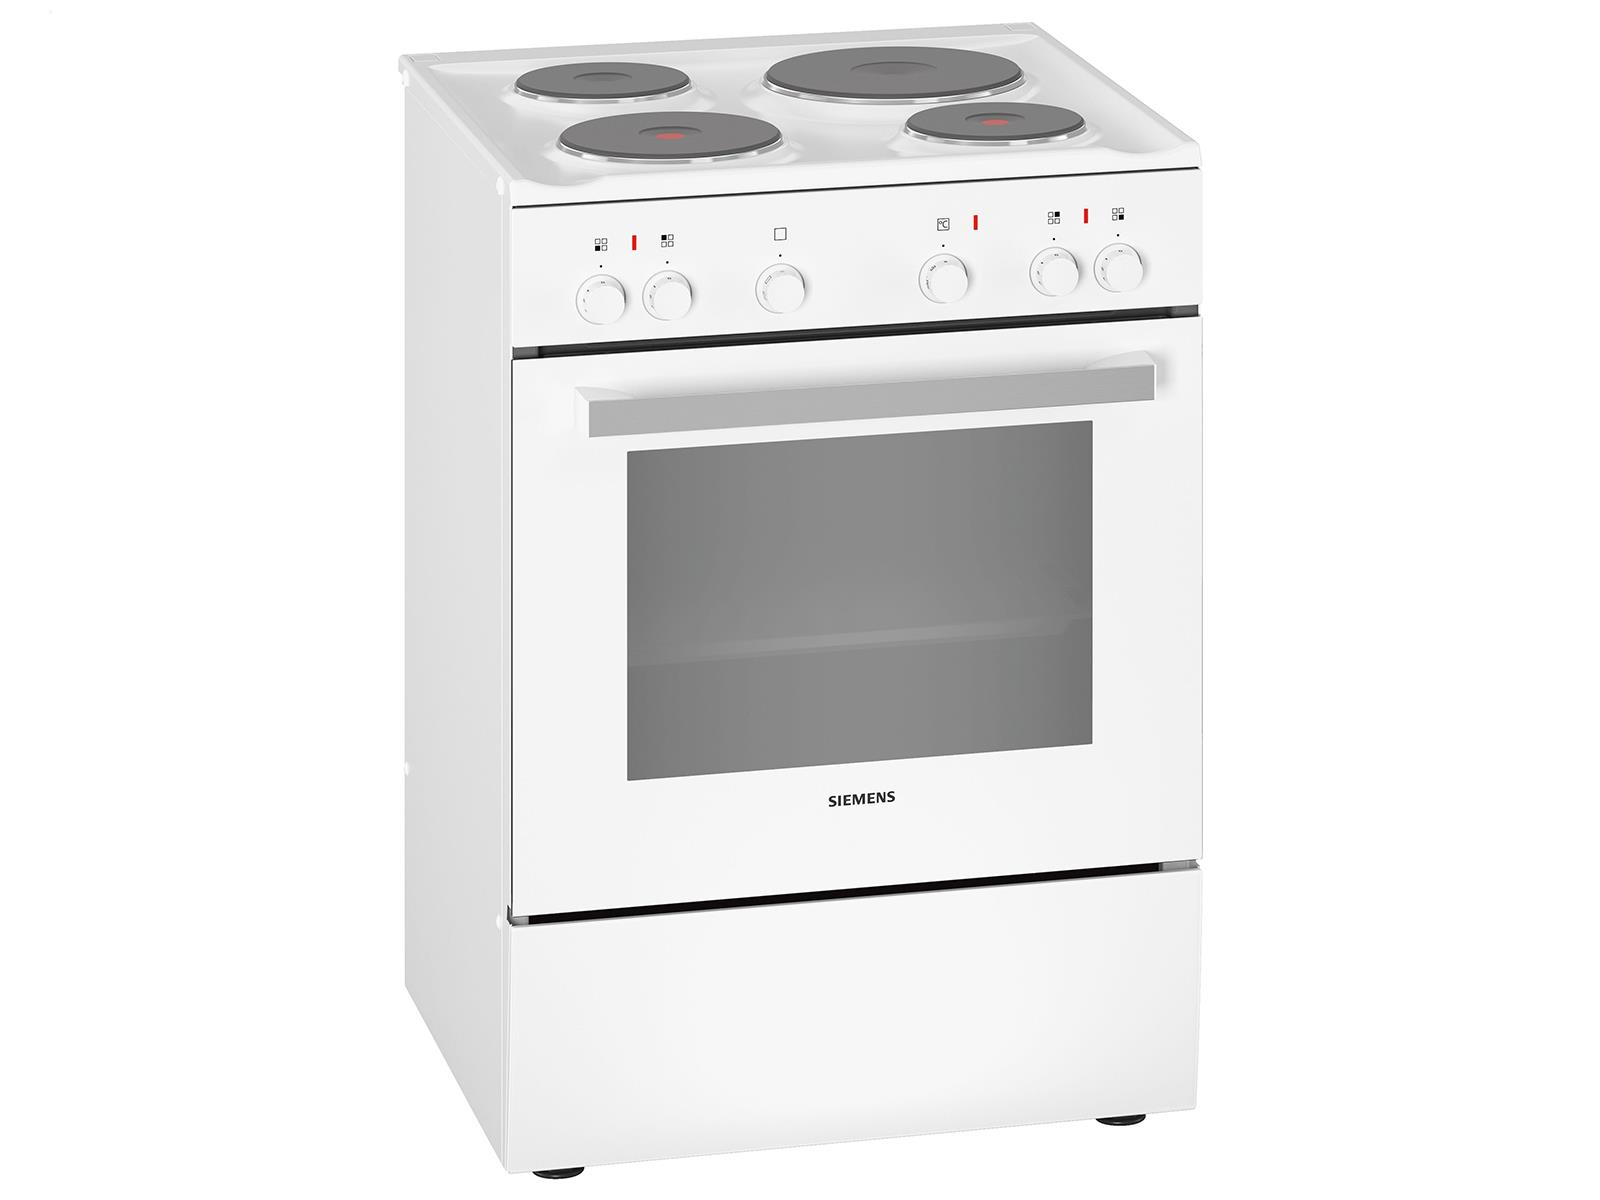 Siemens HQ5P00020 Standherd Weiß